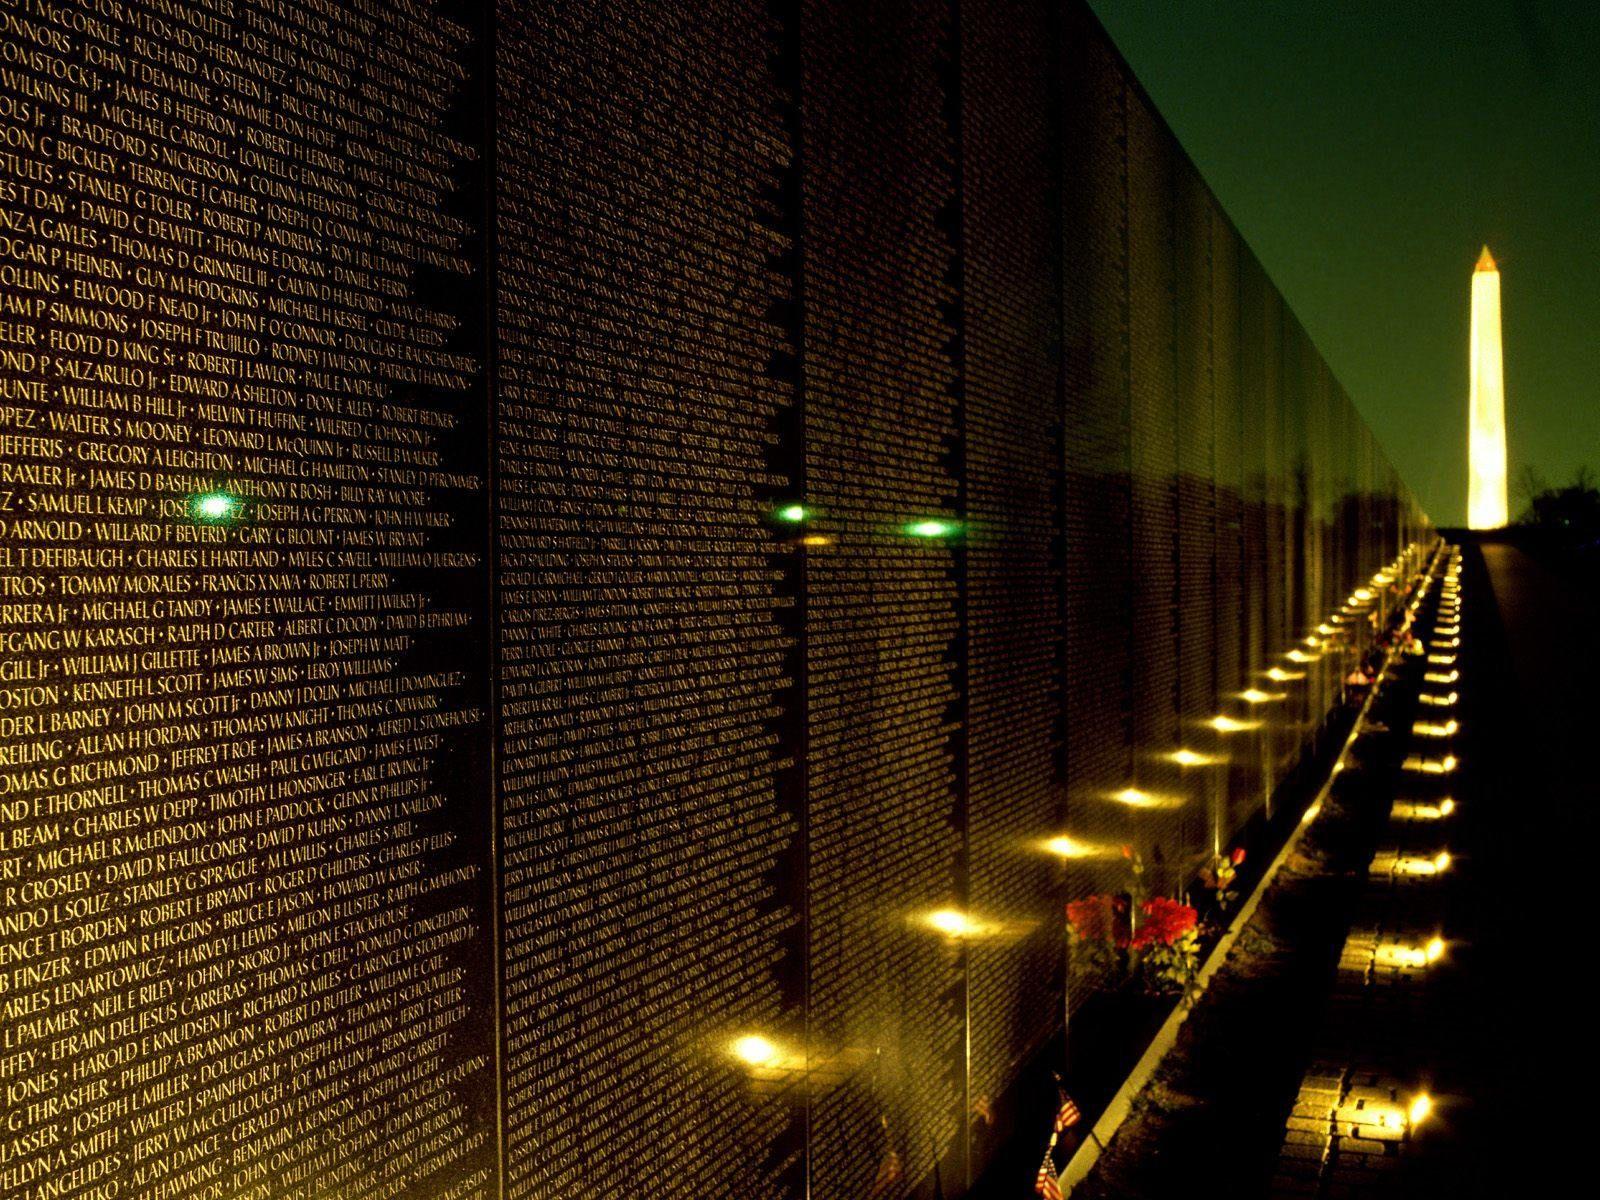 Vietnam Veterans Memorial At Night Washington Dc United States Vietnam Memorial Veteran Memorial Wall Vietnam Veterans